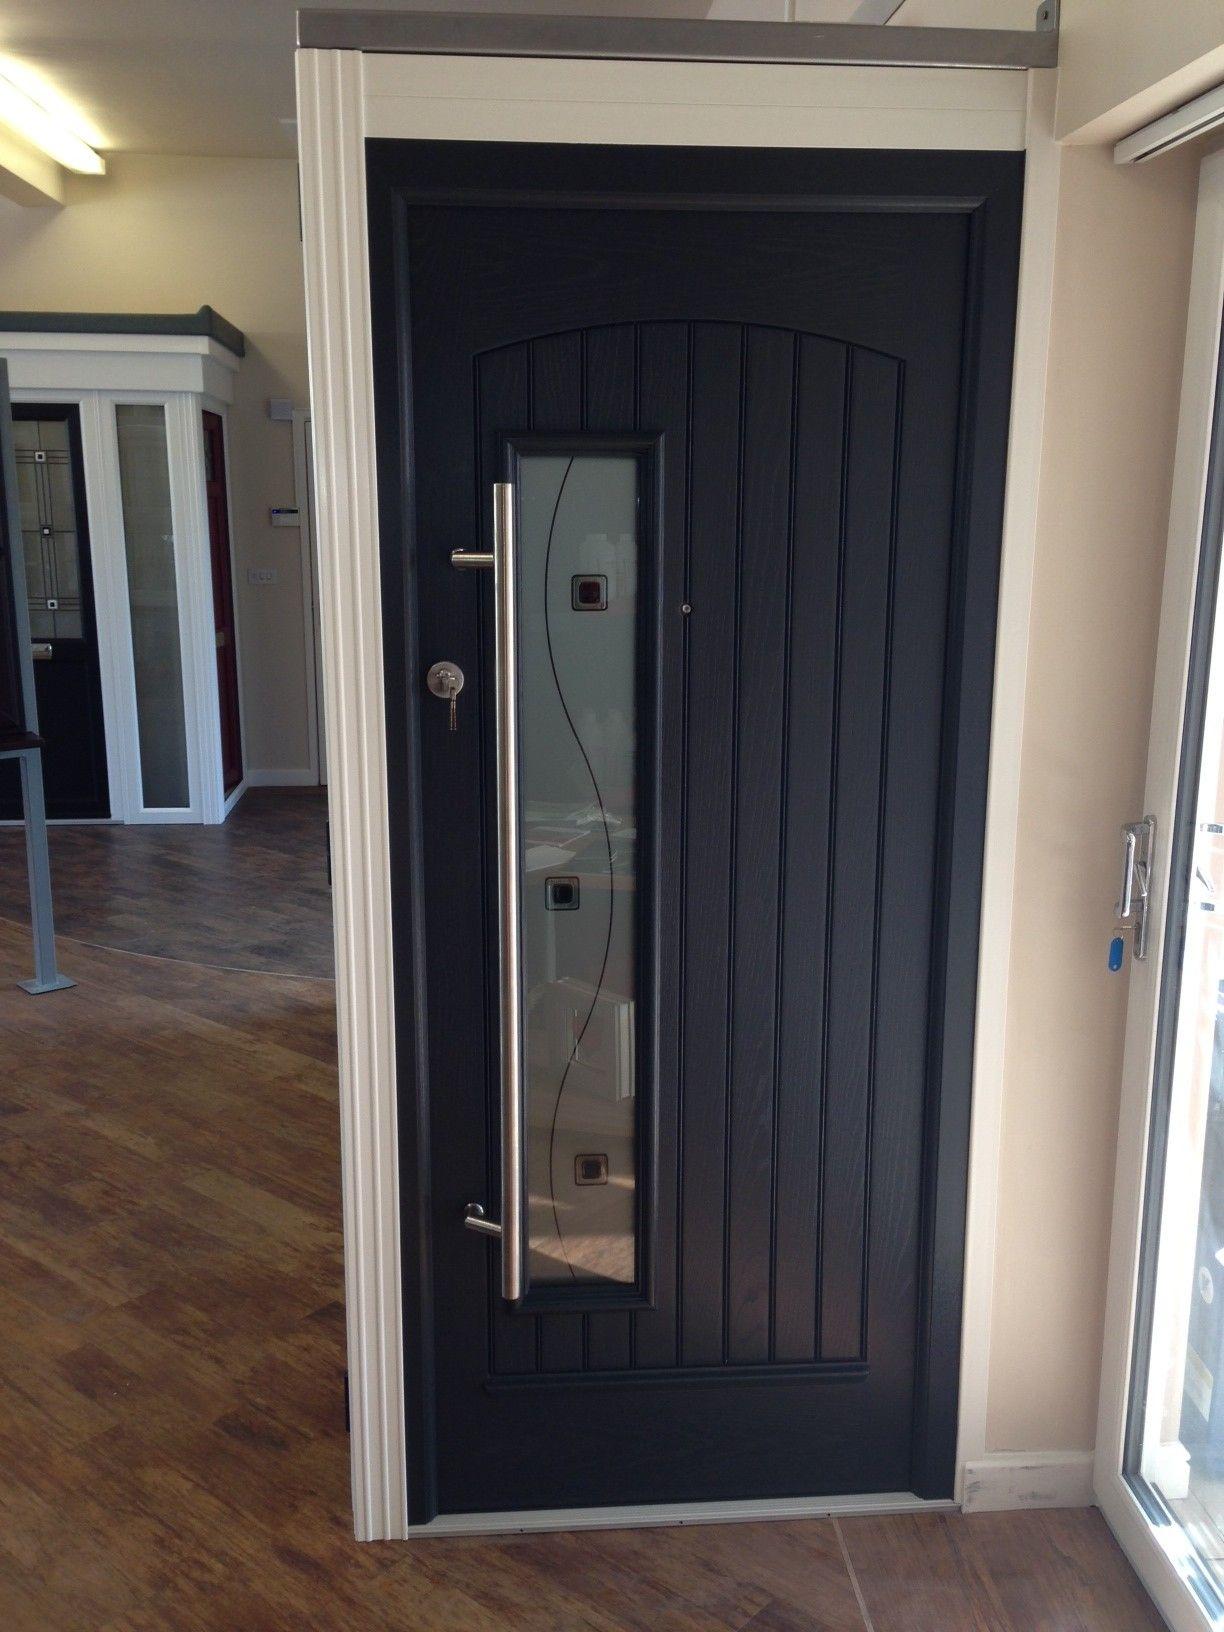 Beautiful new Palladio door in our Langley Mill showroom! & Beautiful new Palladio door in our Langley Mill showroom! | Palladio ...